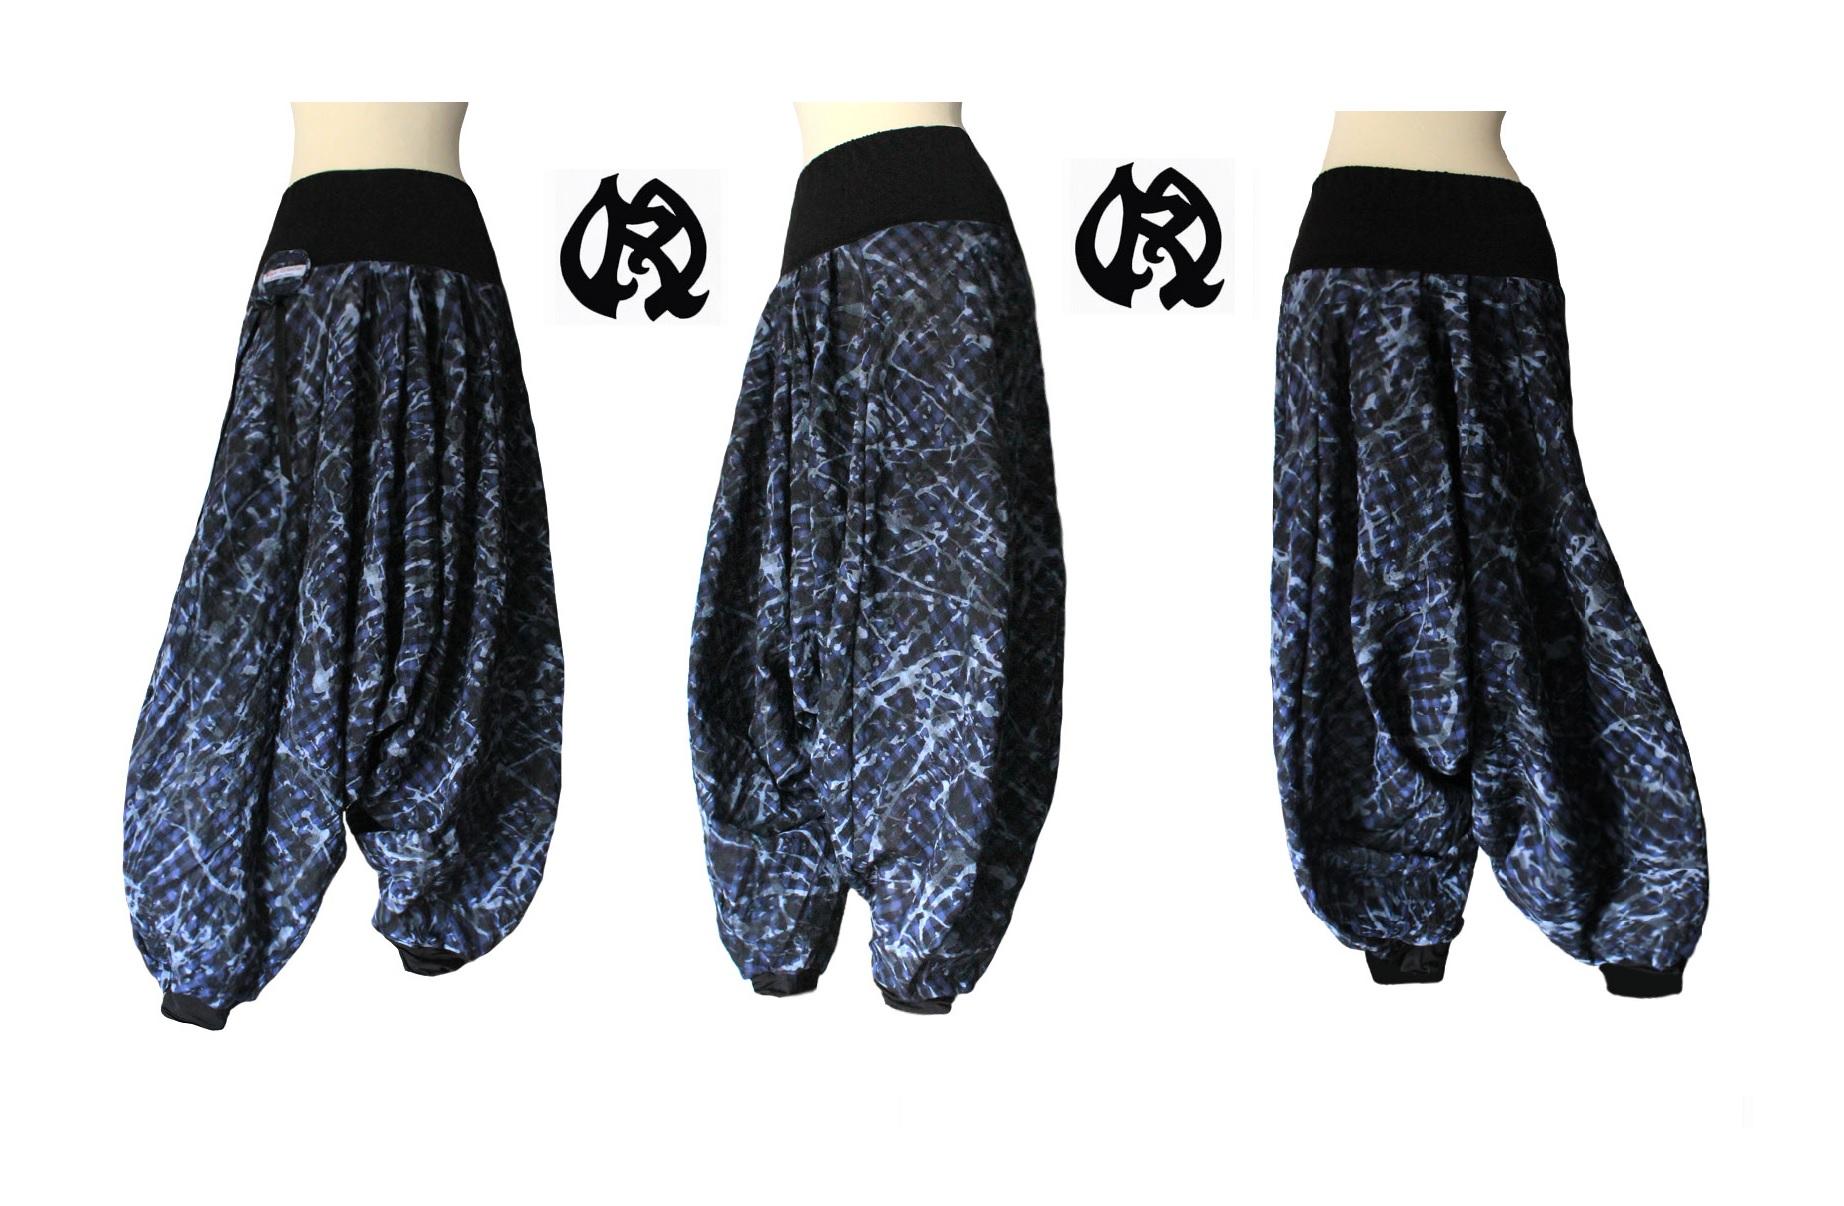 sarouel en coton fantaisie style tartan et tie and die tons bleus  taille 40 / 42